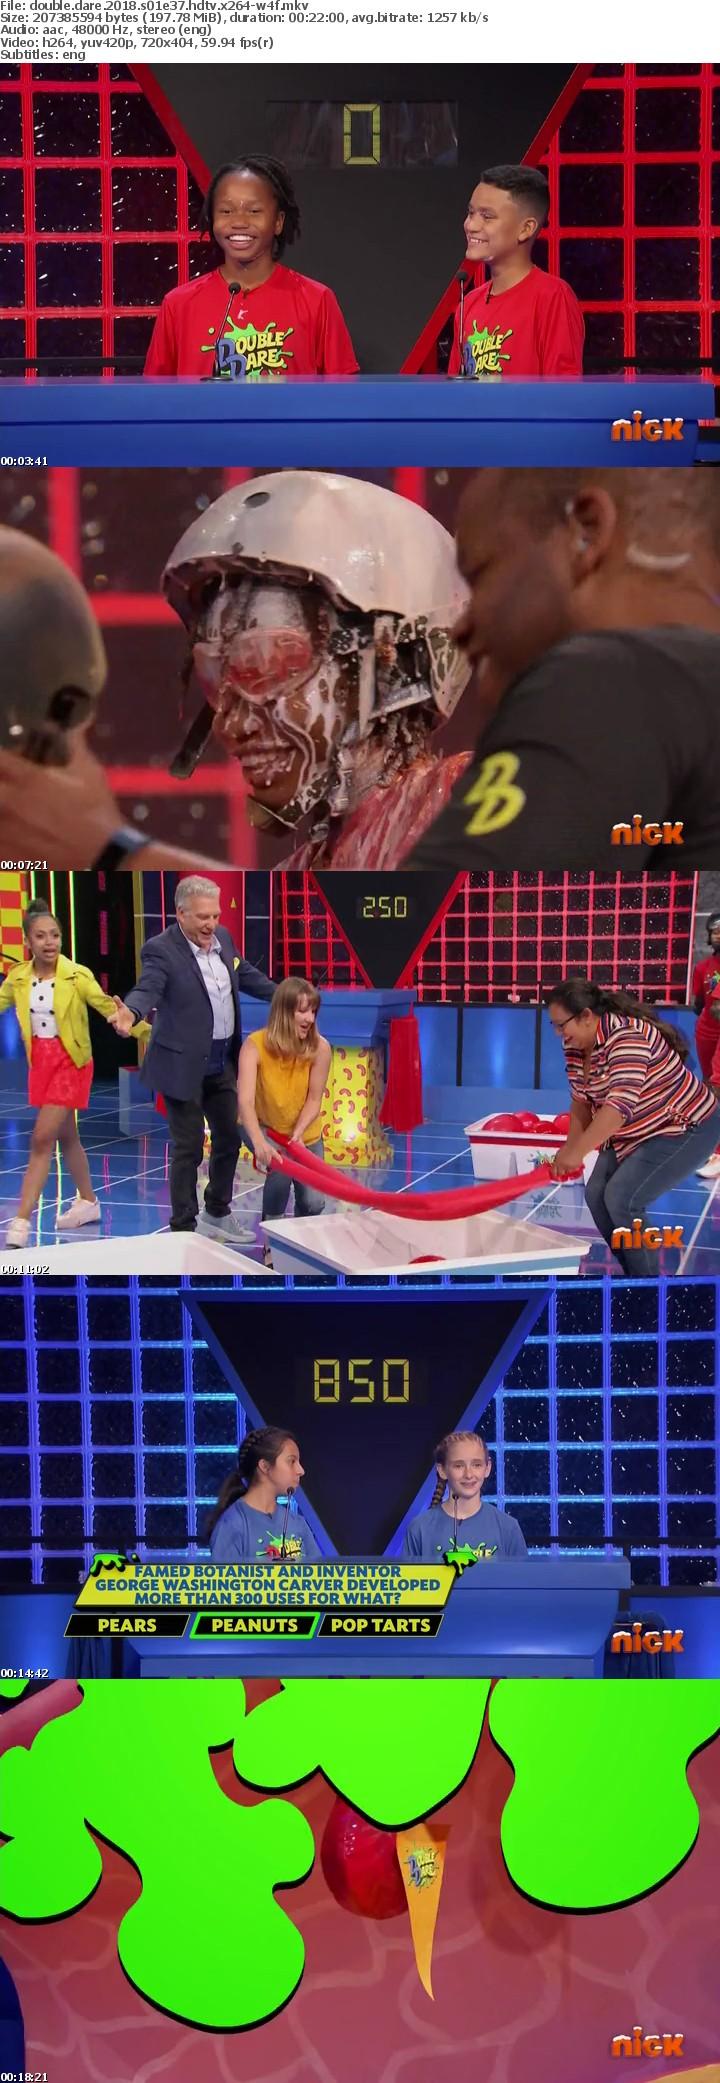 Double Dare 2018 S01E37 HDTV x264-W4F